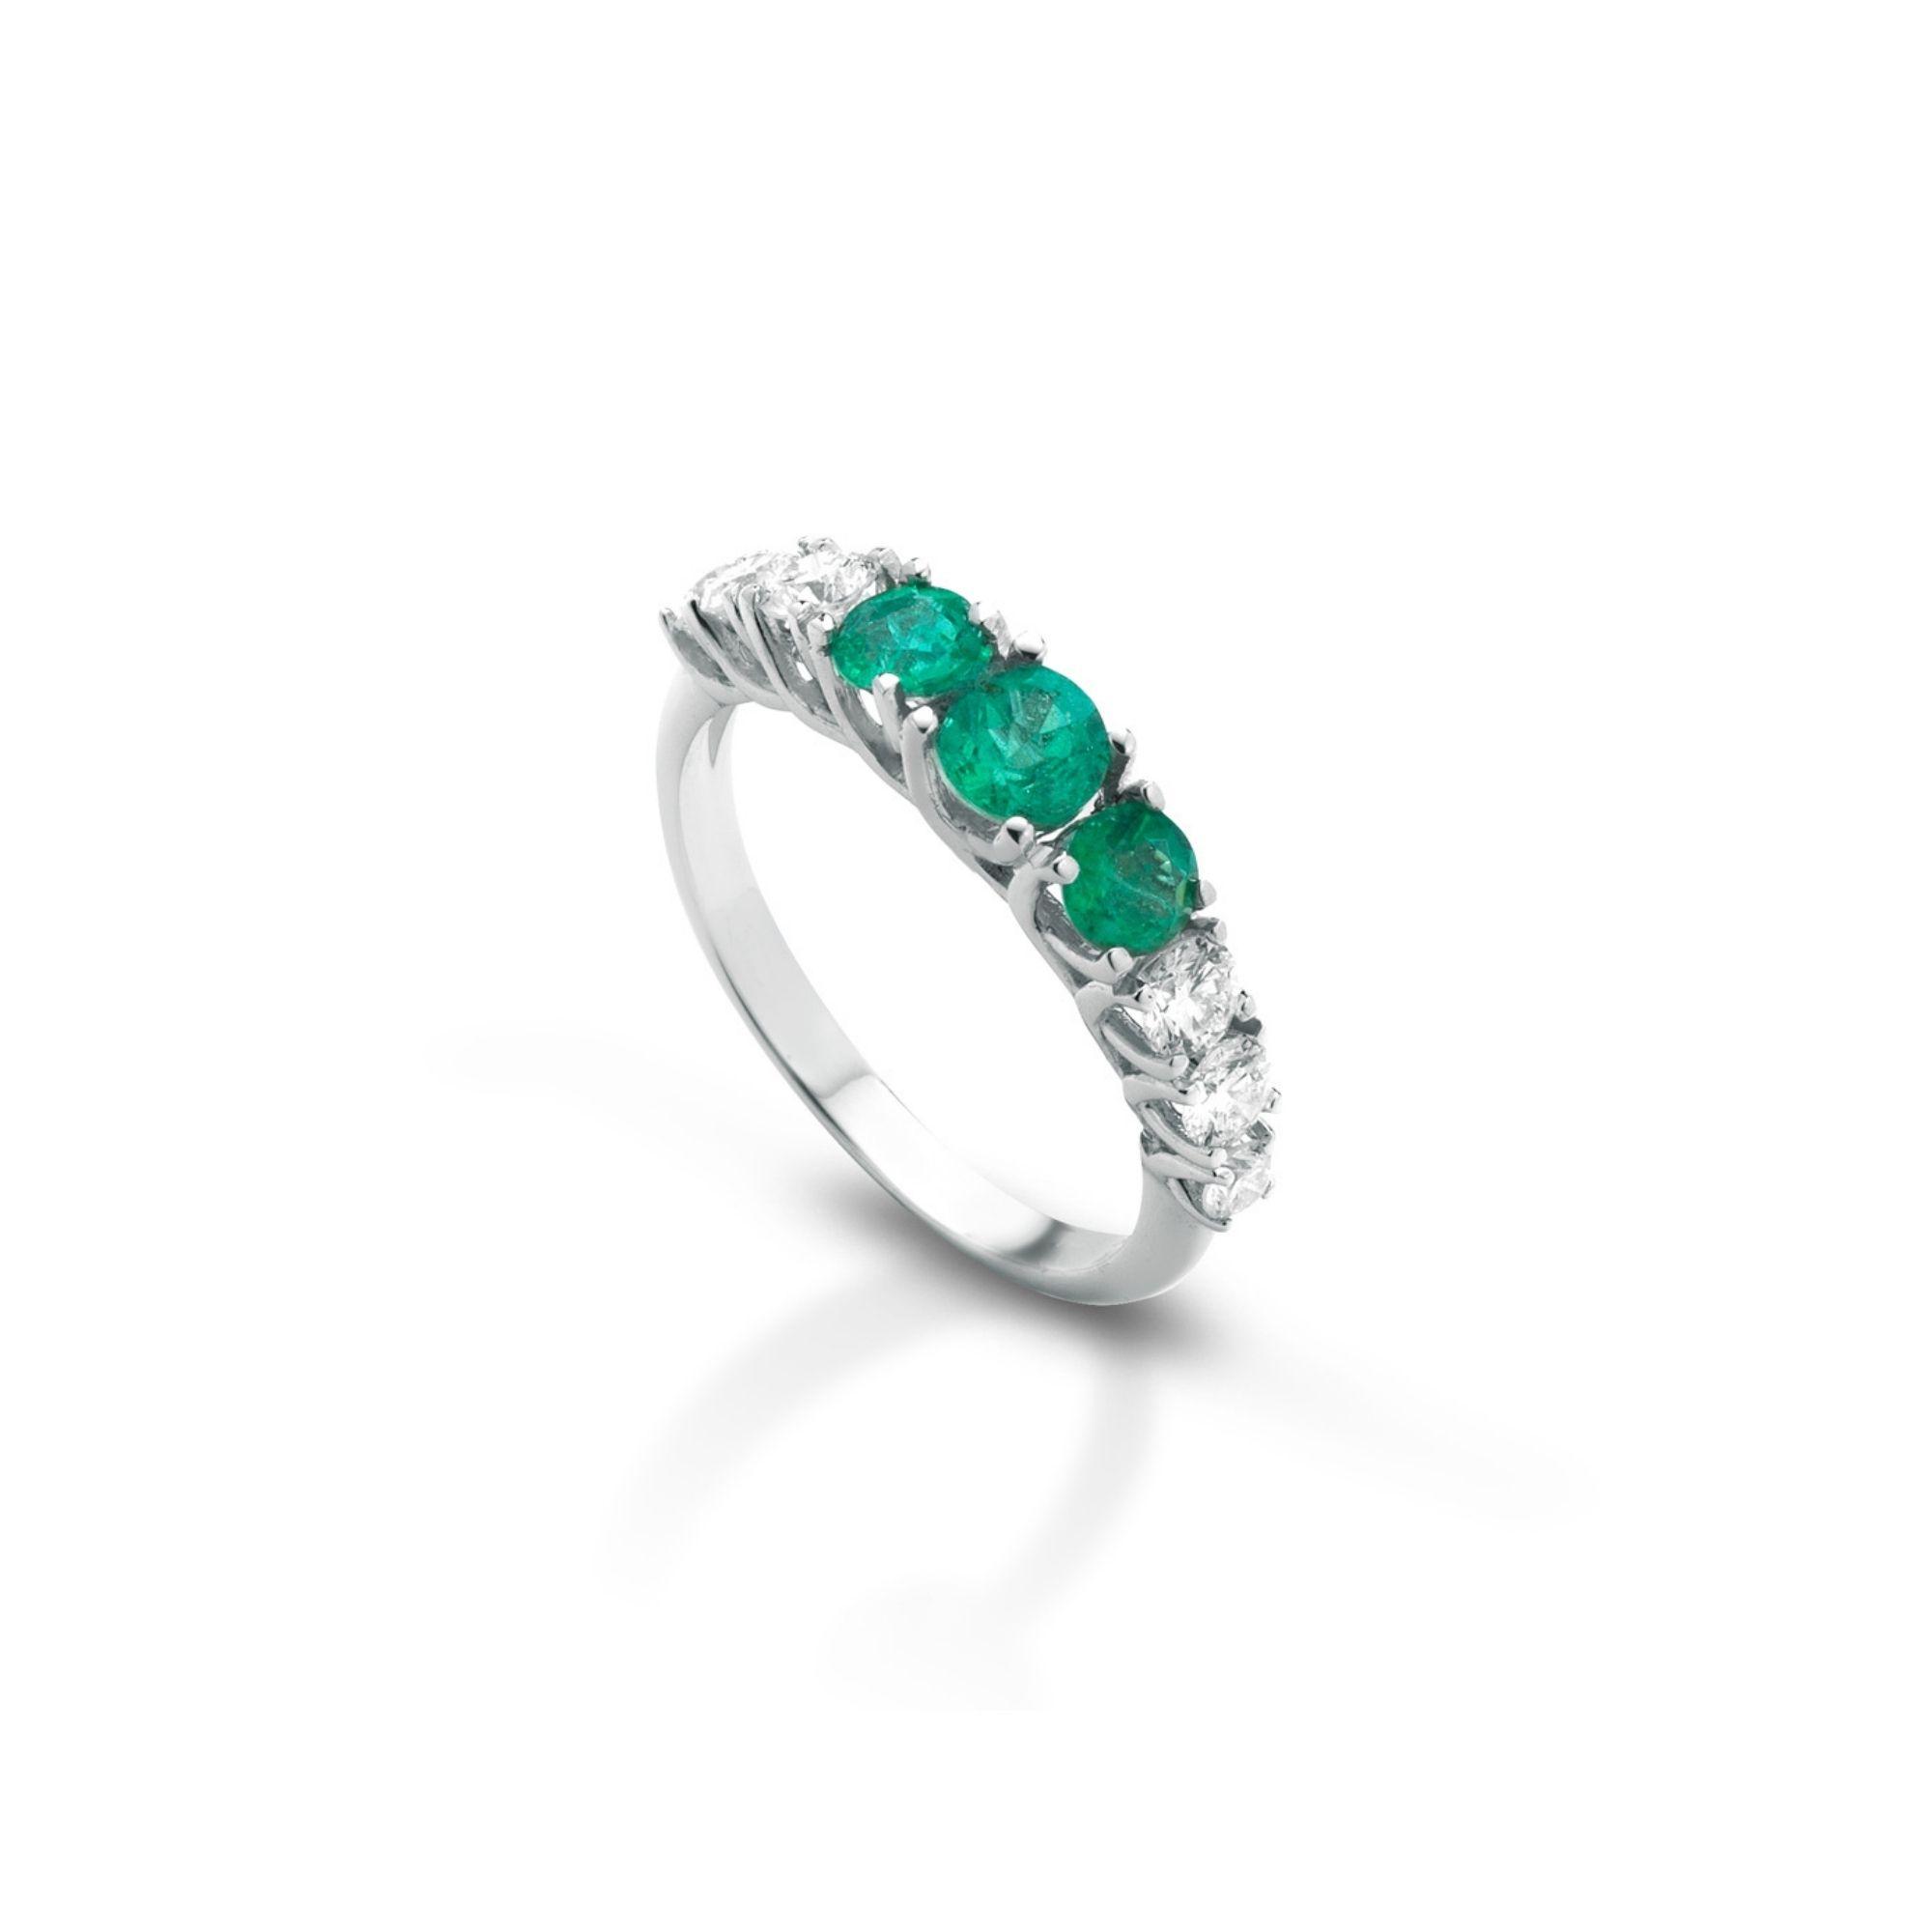 Anellosmeraldi e diamanti Emeralds and diamonds ring mix sconto discount